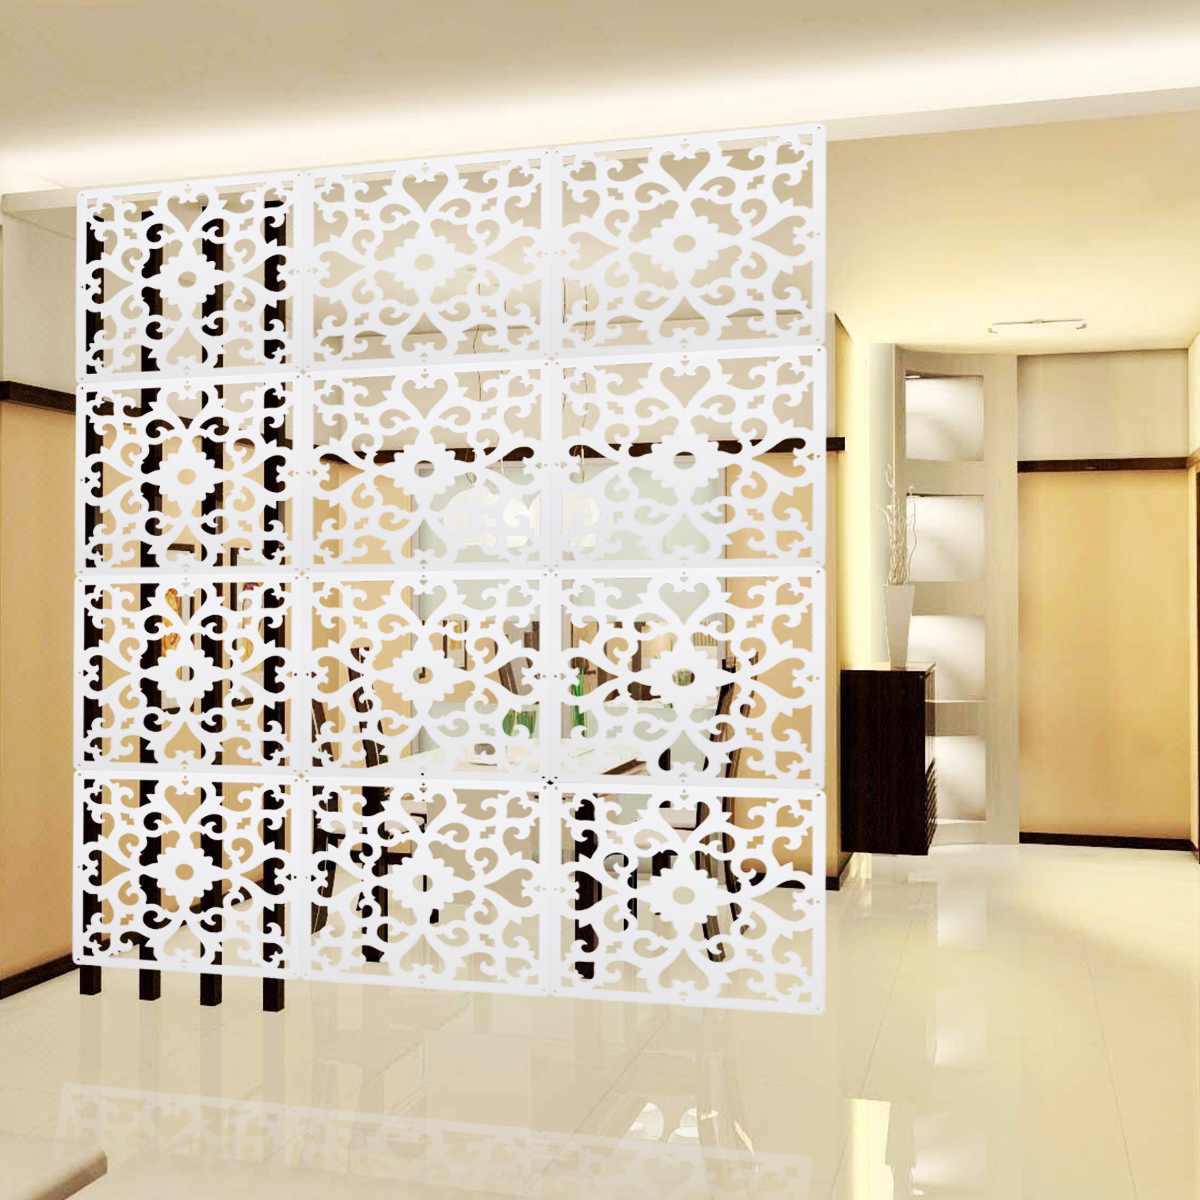 PVC tenture murale salle écran diviseur 12 Pcs/Lot panneaux de rideaux cloisons écrans espace sculpté Division maison décoration artisanat